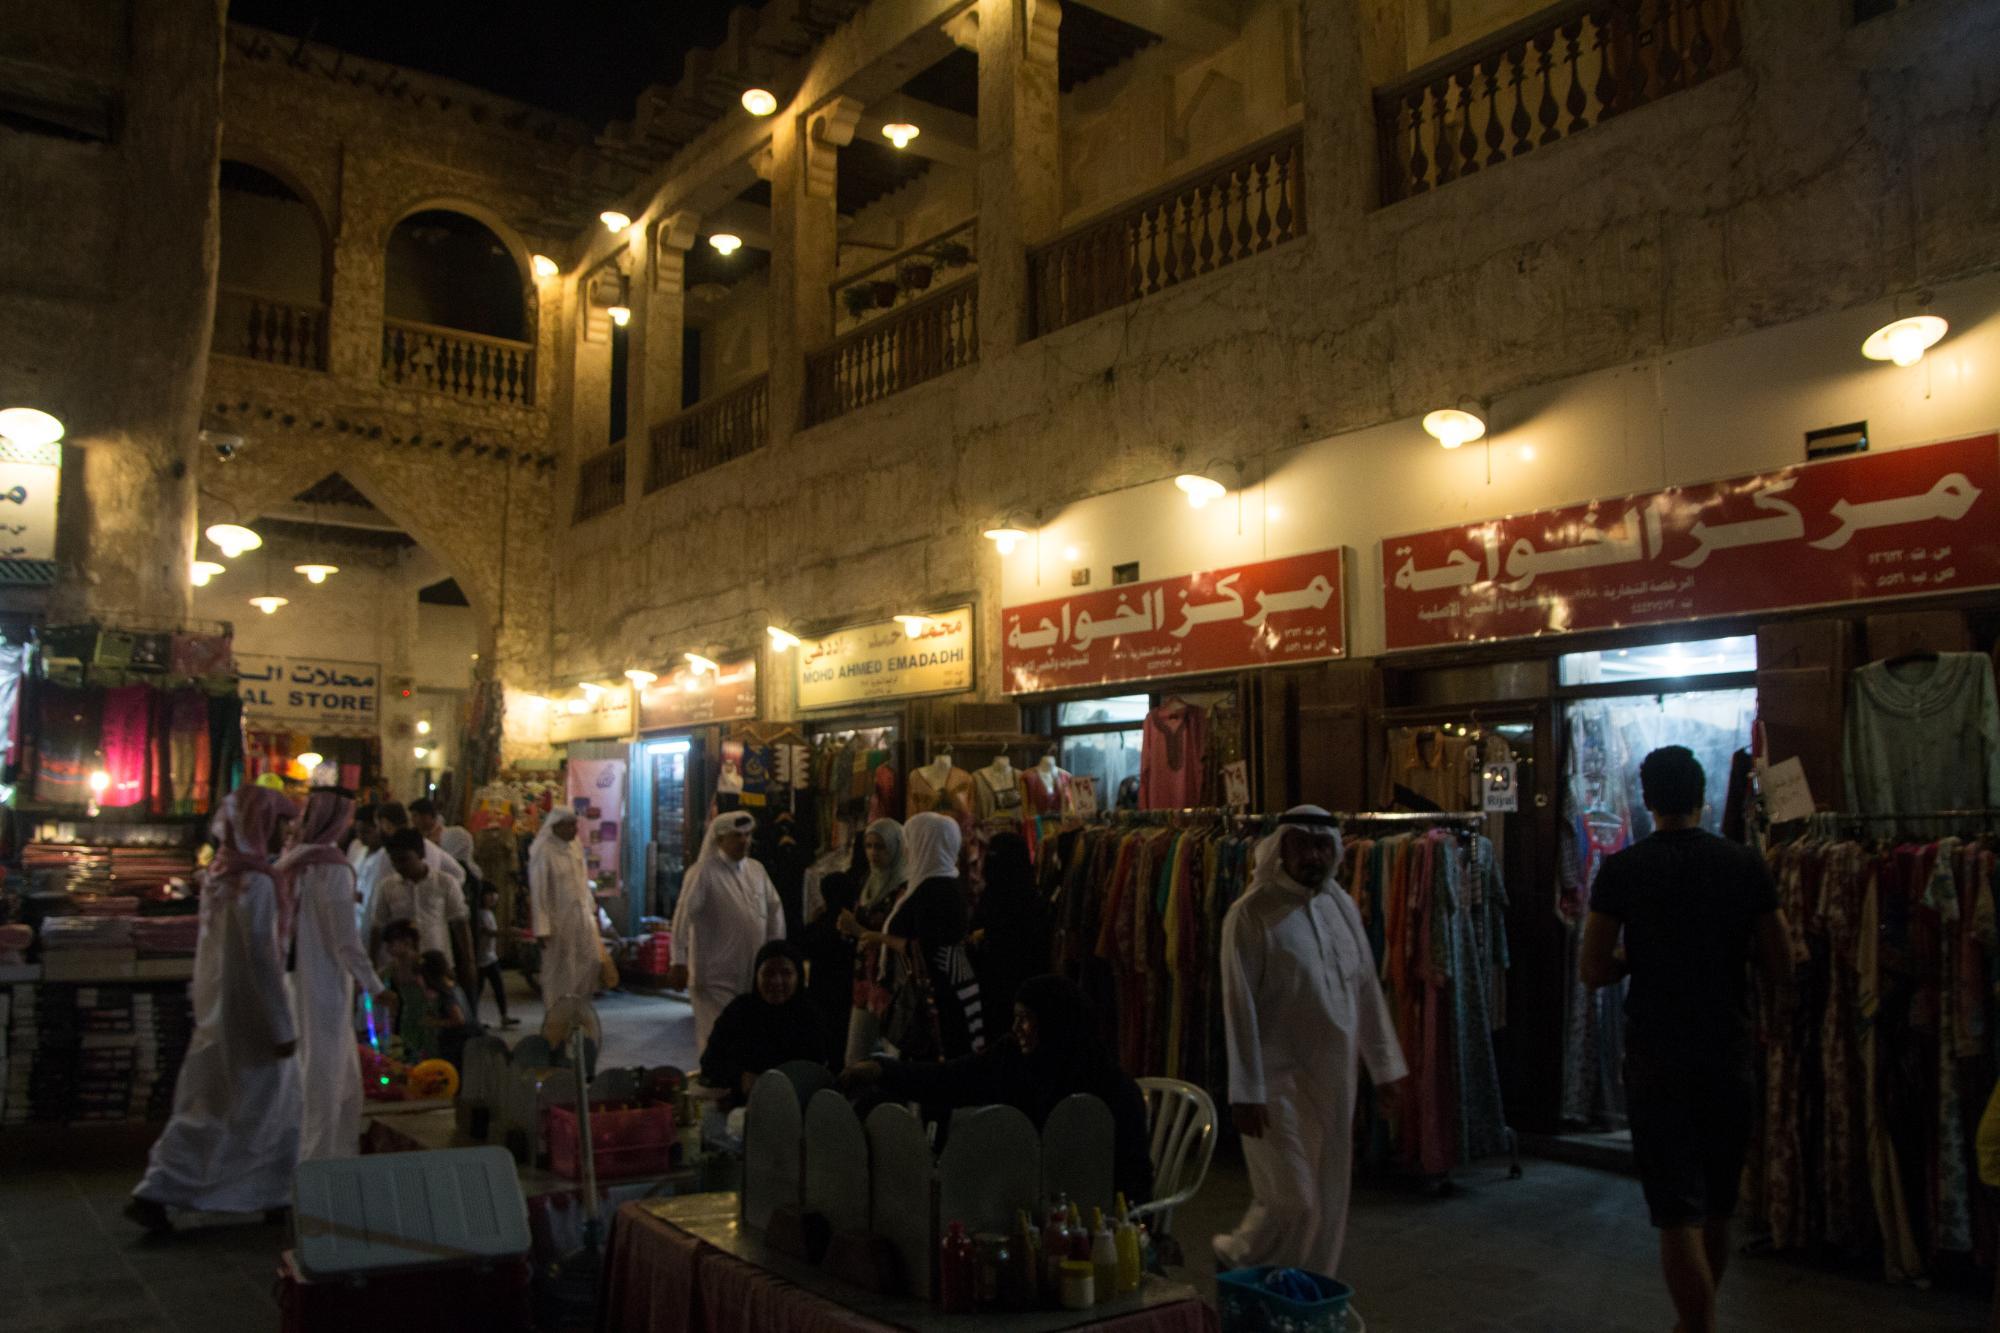 Souq Waqif | Public Markets